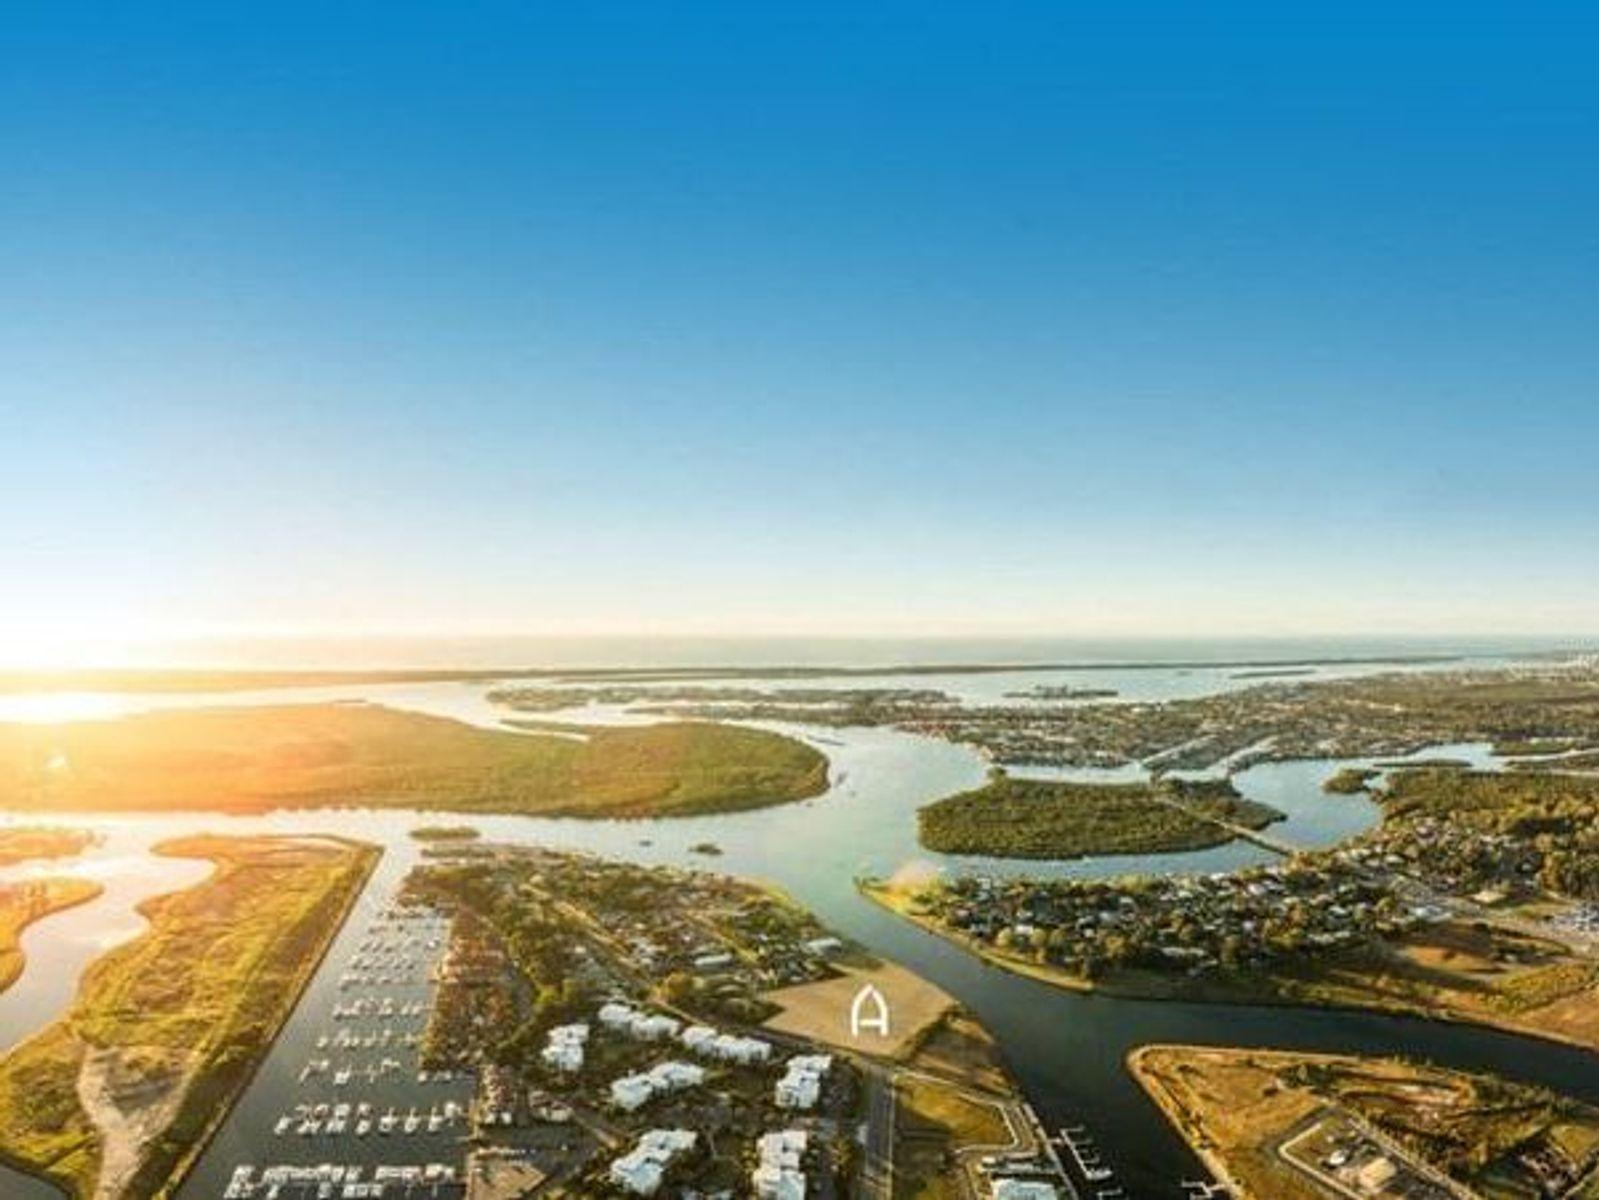 51/93 Sheehan Avenue, Hope Island, QLD 4212